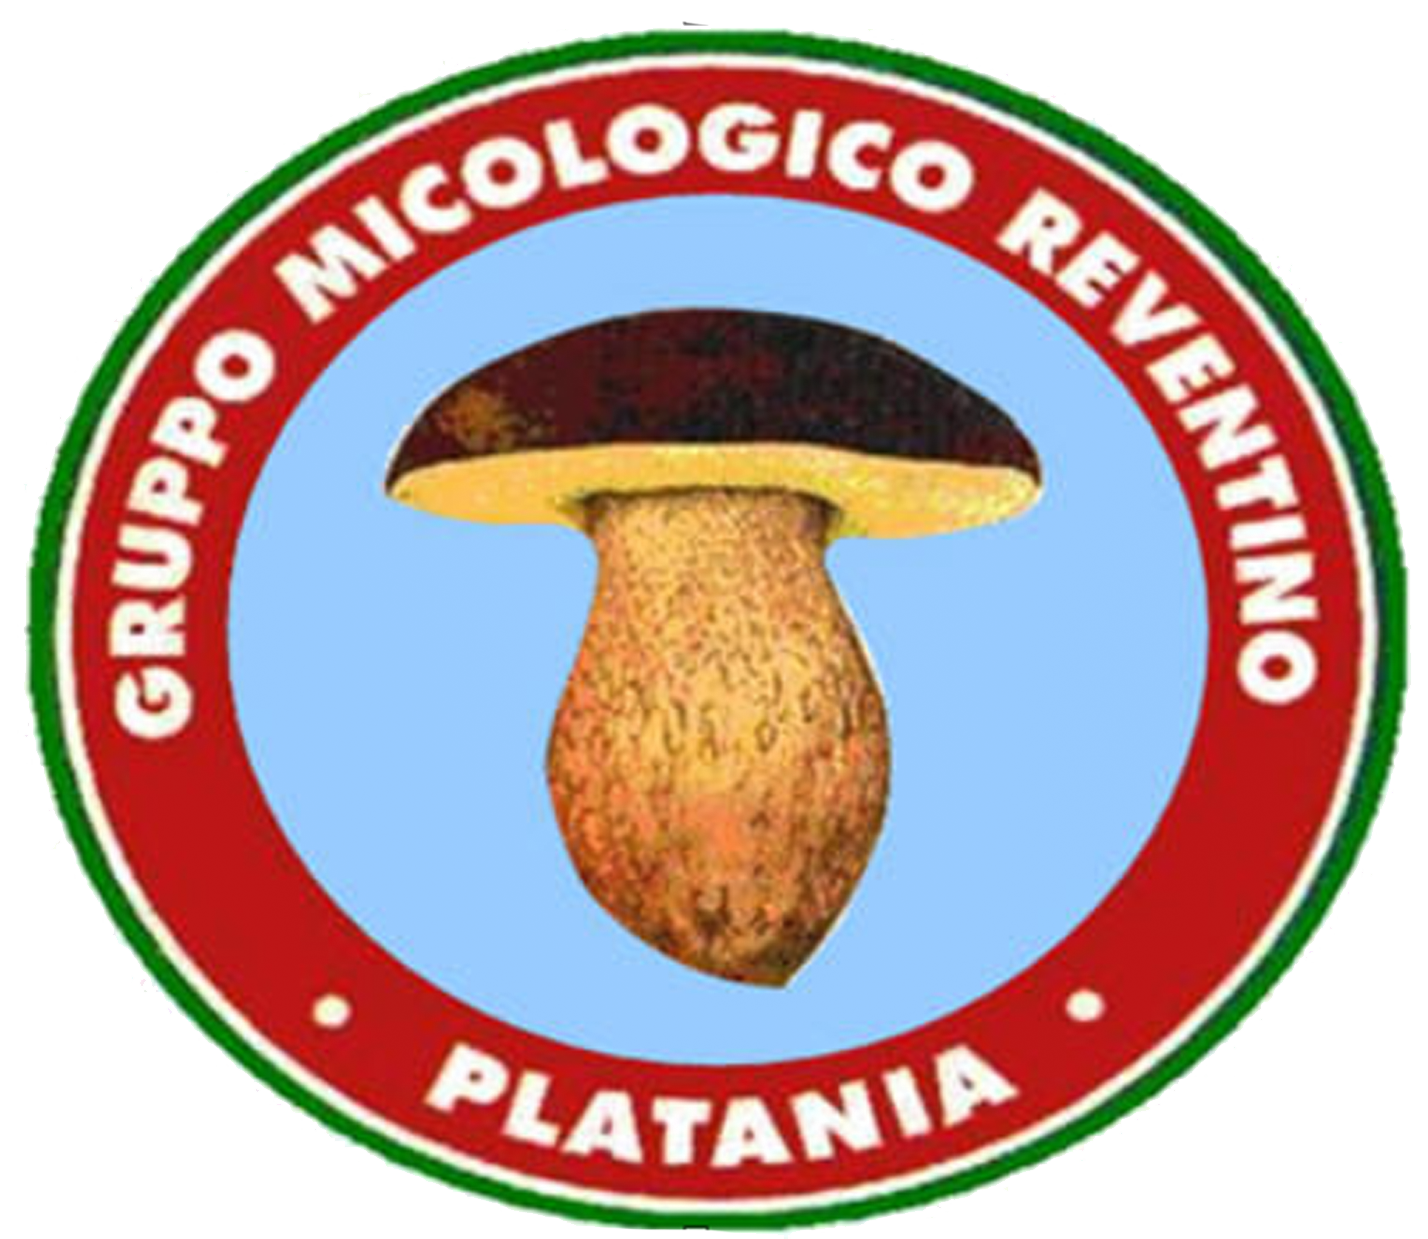 Gruppo Micologico Reventino